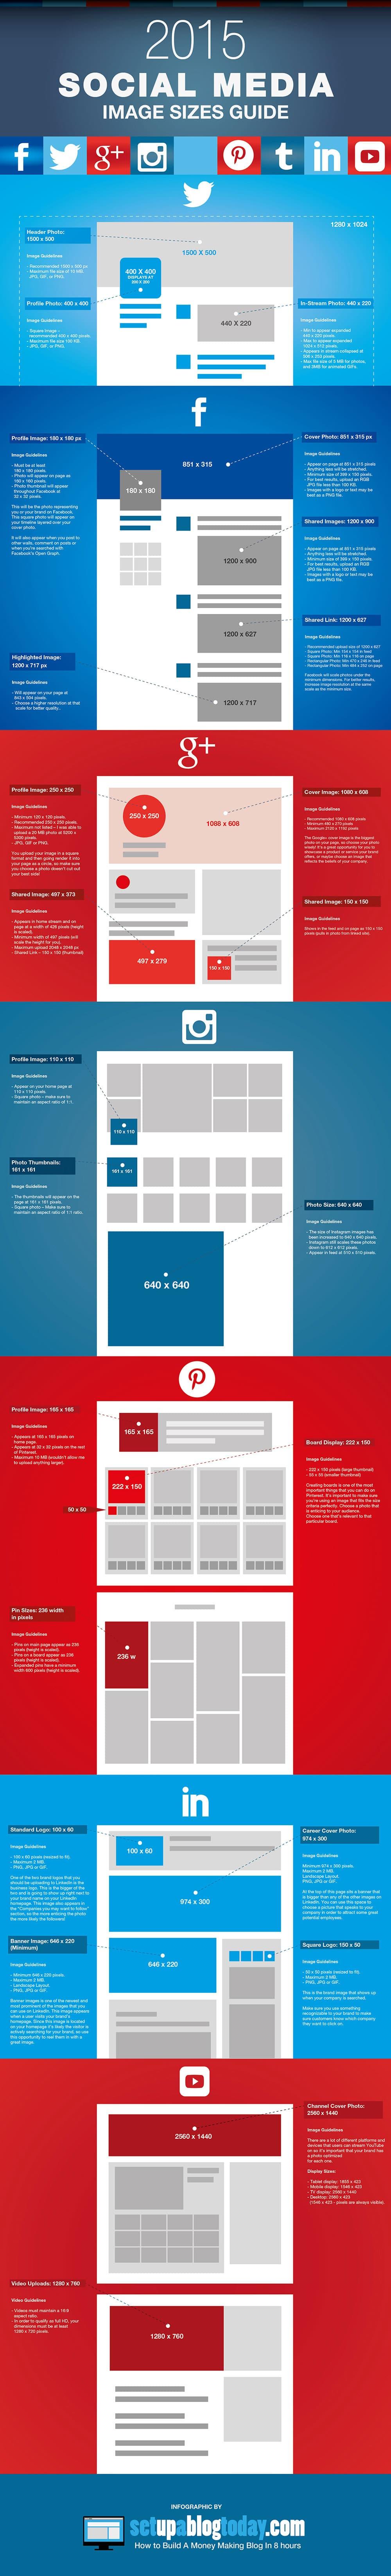 Le guide des tailles de images de vos réseaux sociaux